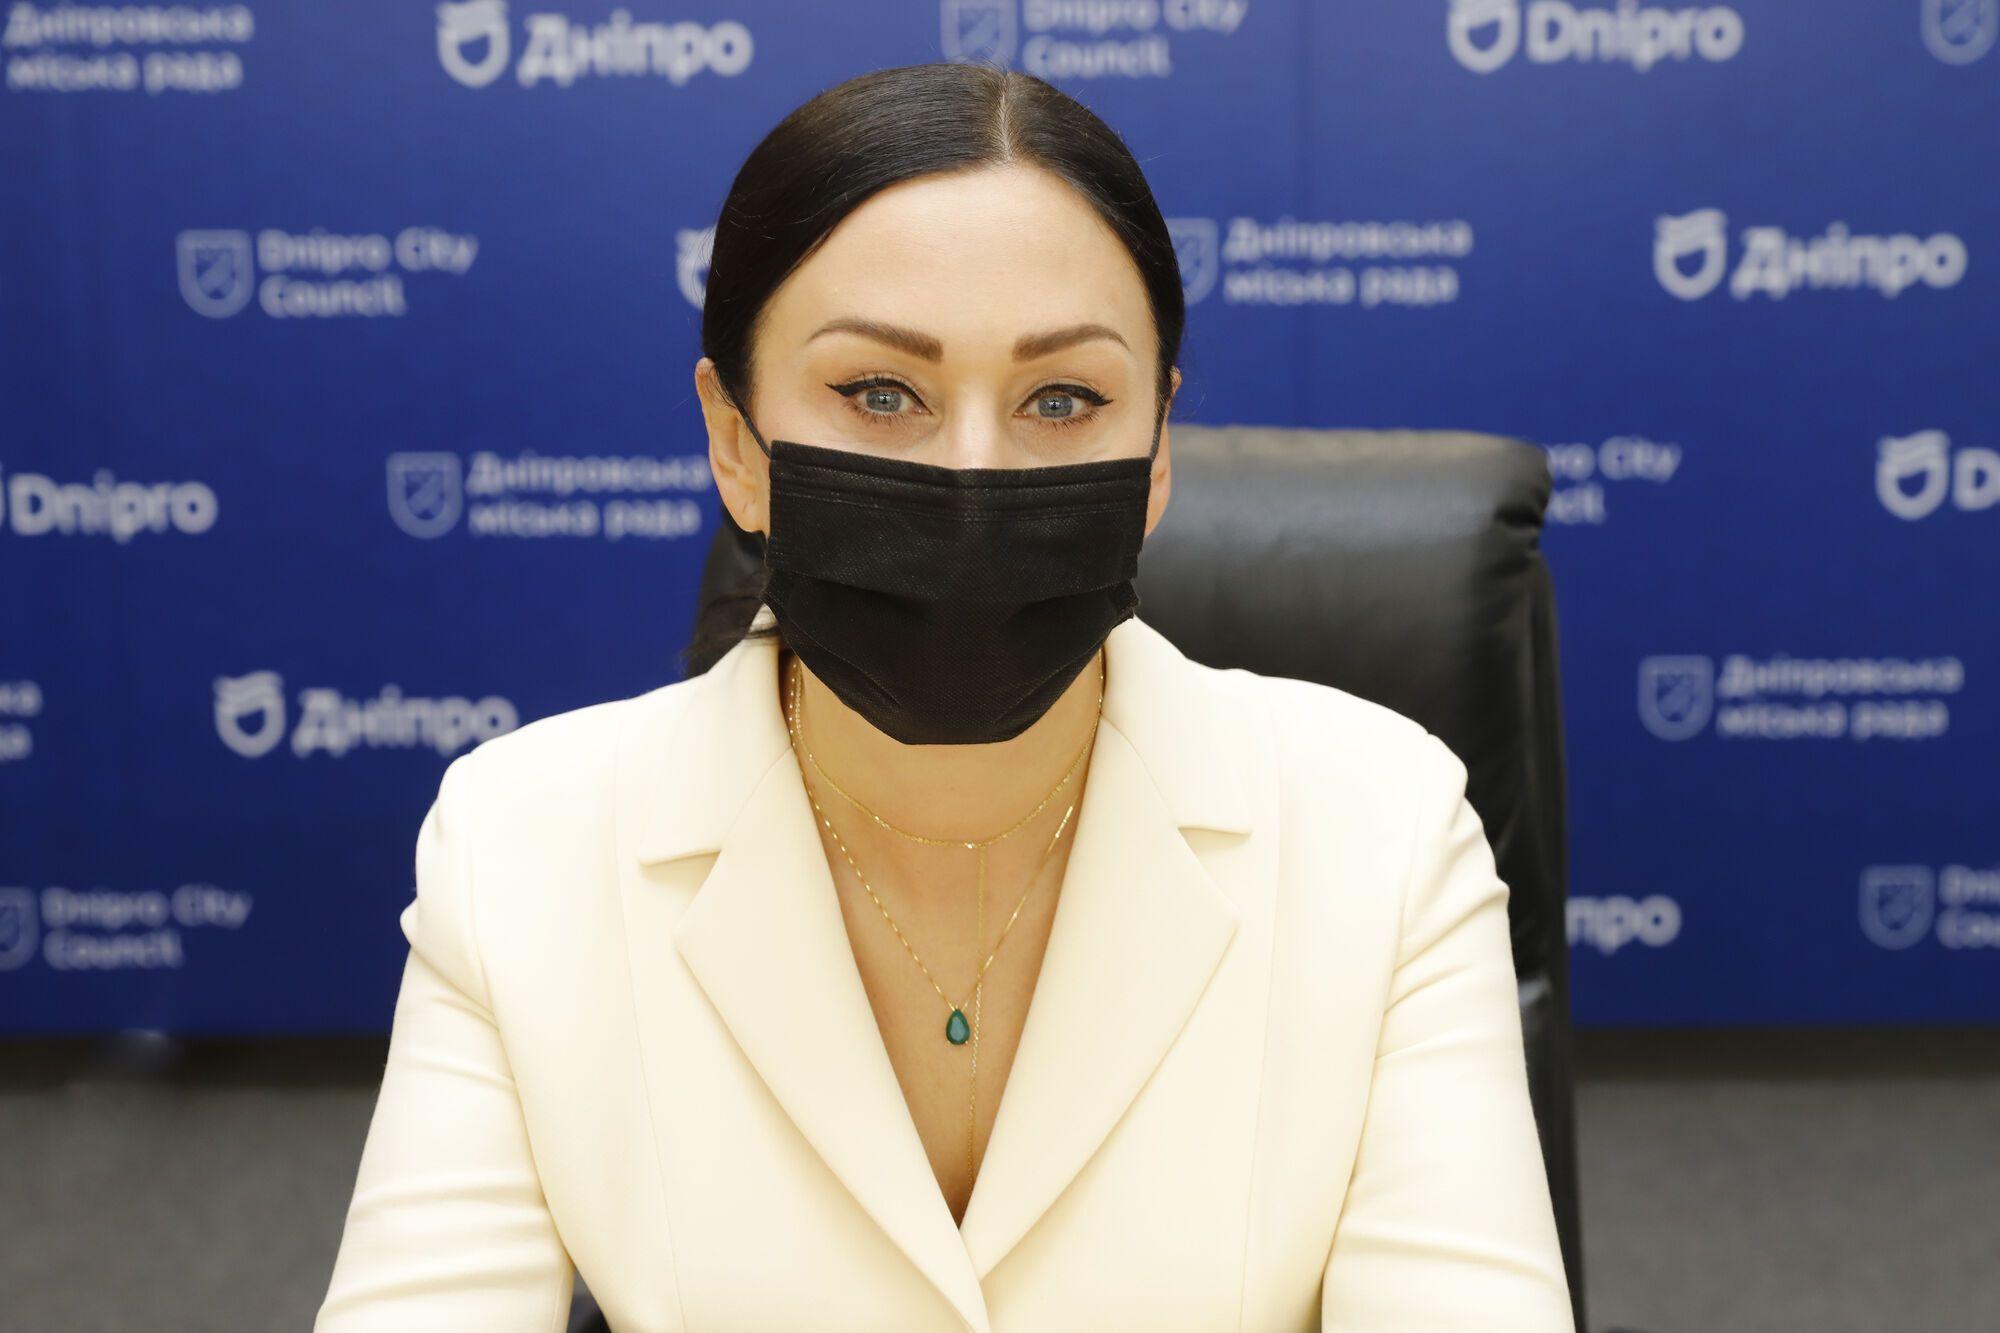 Основательница Dnipro Marathon, президент Федерации легкой атлетики Днепропетровской области и города Днепра Марина Филатова